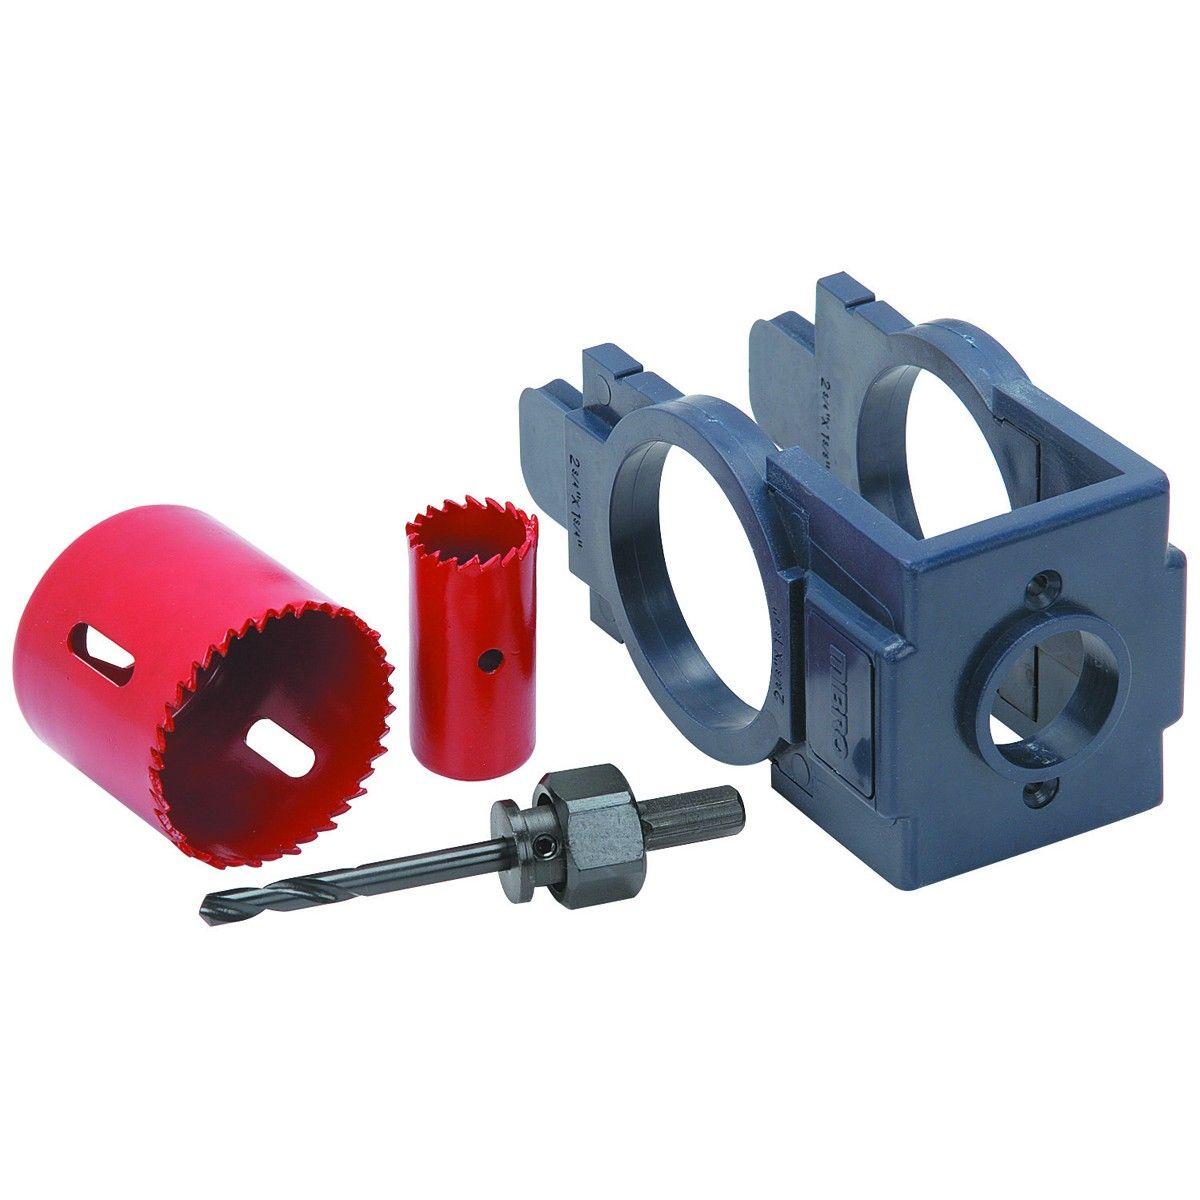 Door Lock Installation Kit In 2020 Door Lock Installation Kit Door Locks Diy Lock